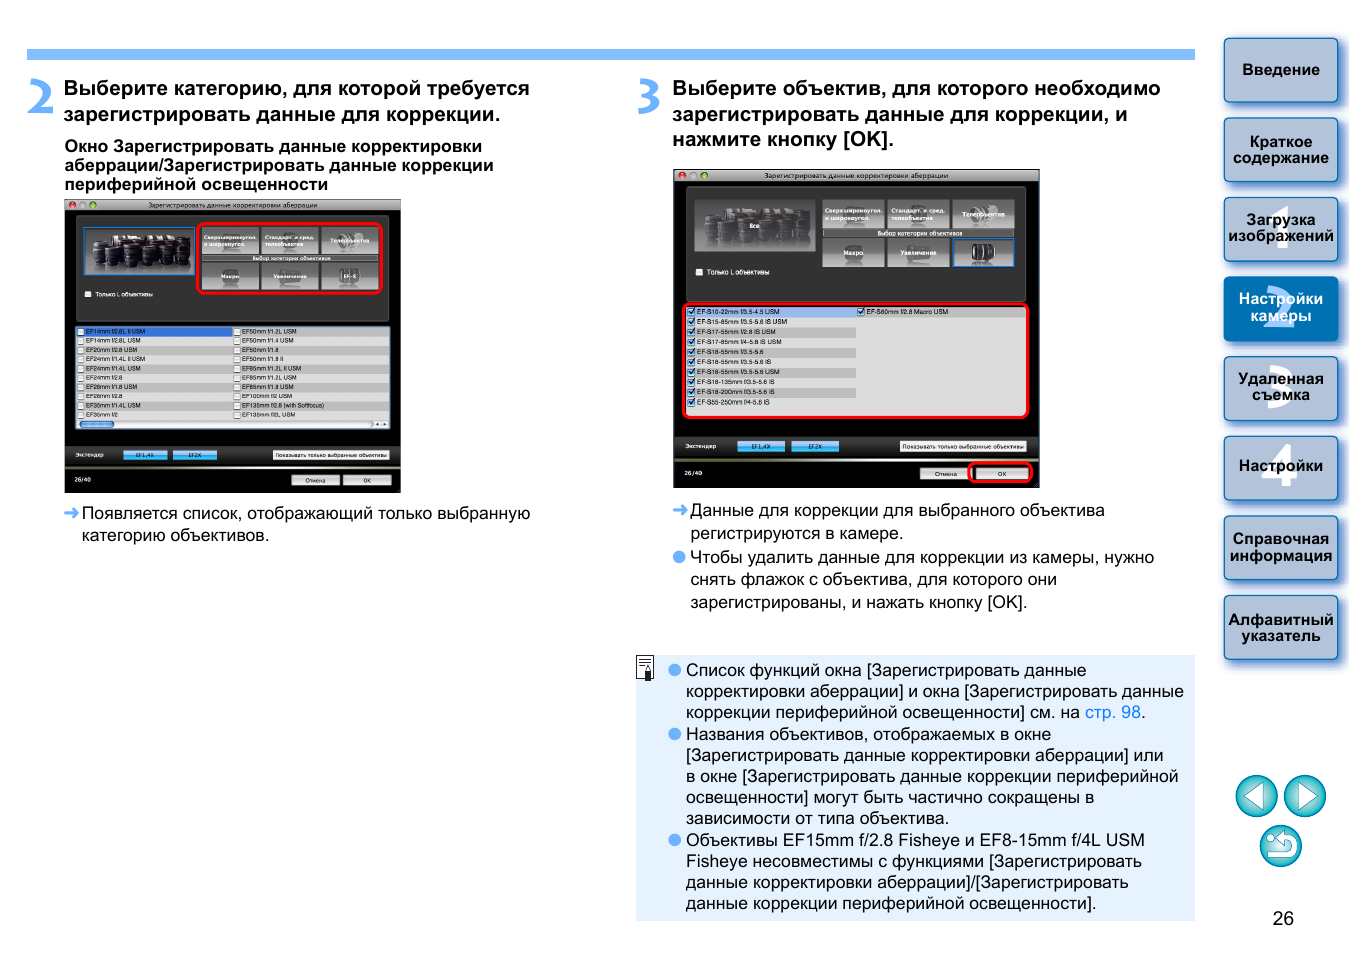 Инструкция по эксплуатации Canon EOS Utility 2 14 Macintosh